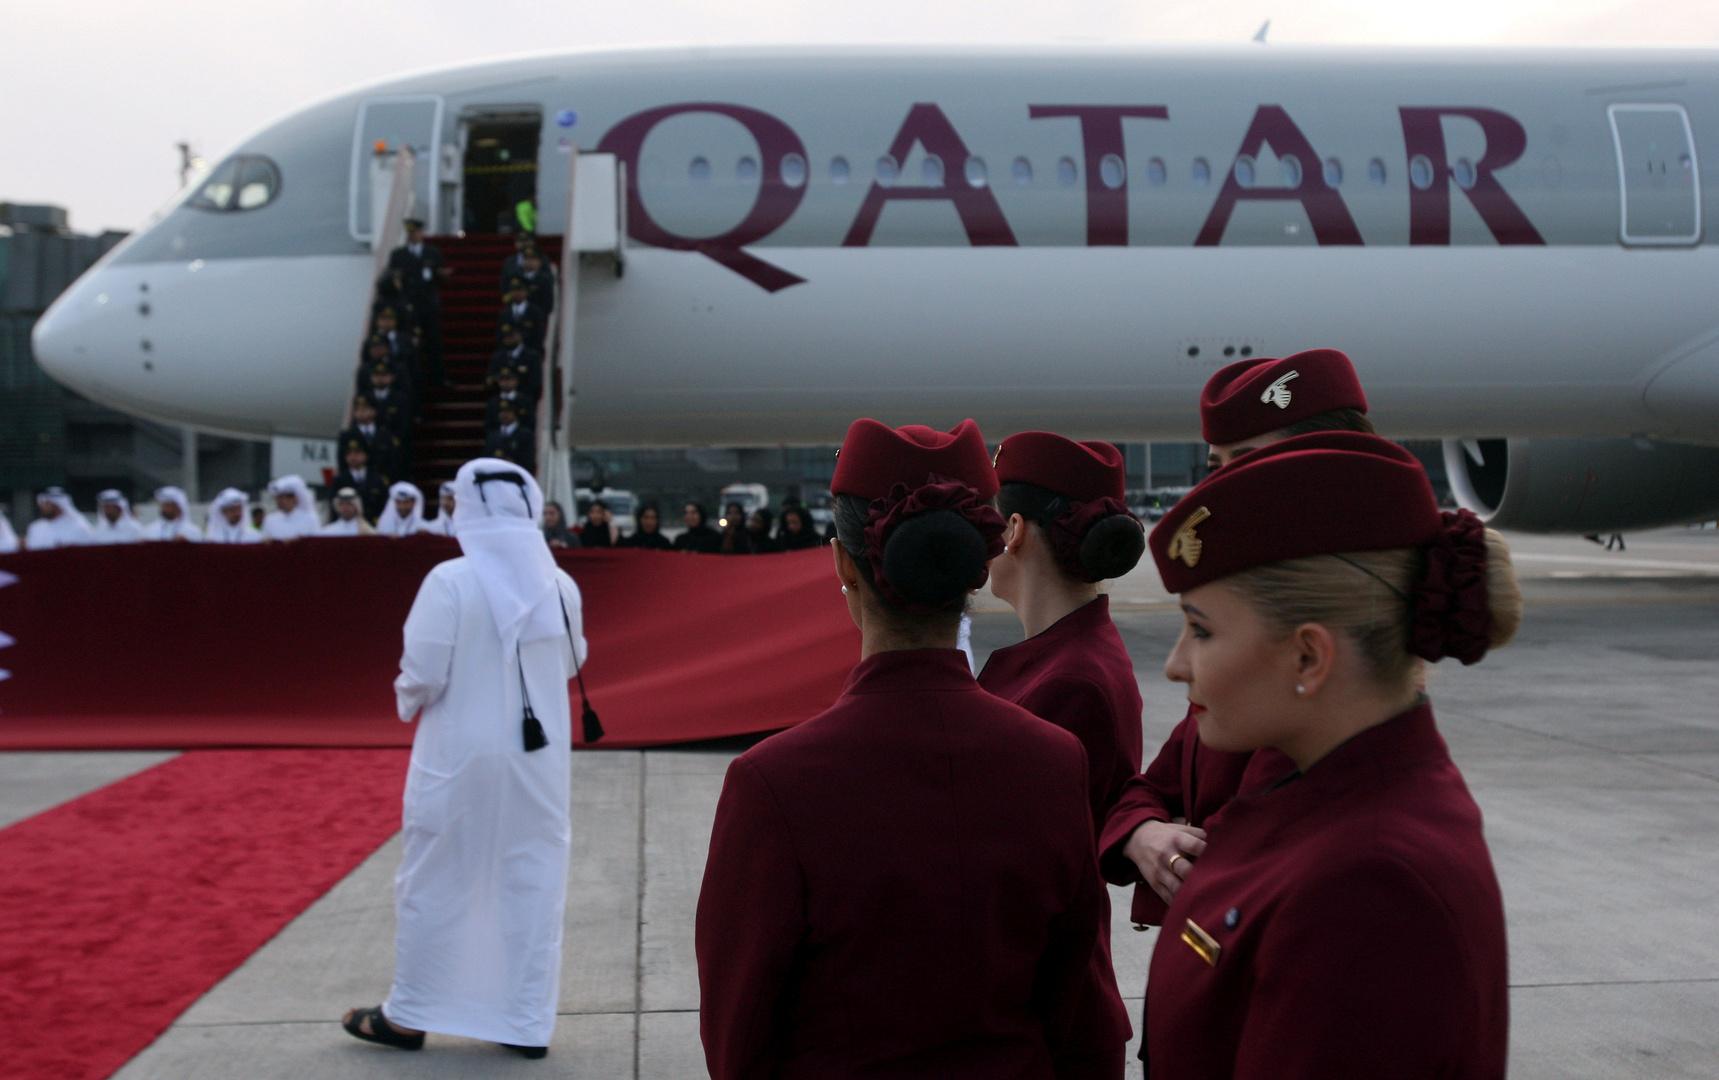 نيوزيلندا تنتقد قطر بعد إعلان إحدى مواطناتها أنها من ضحايا فحص مطار الدوحة